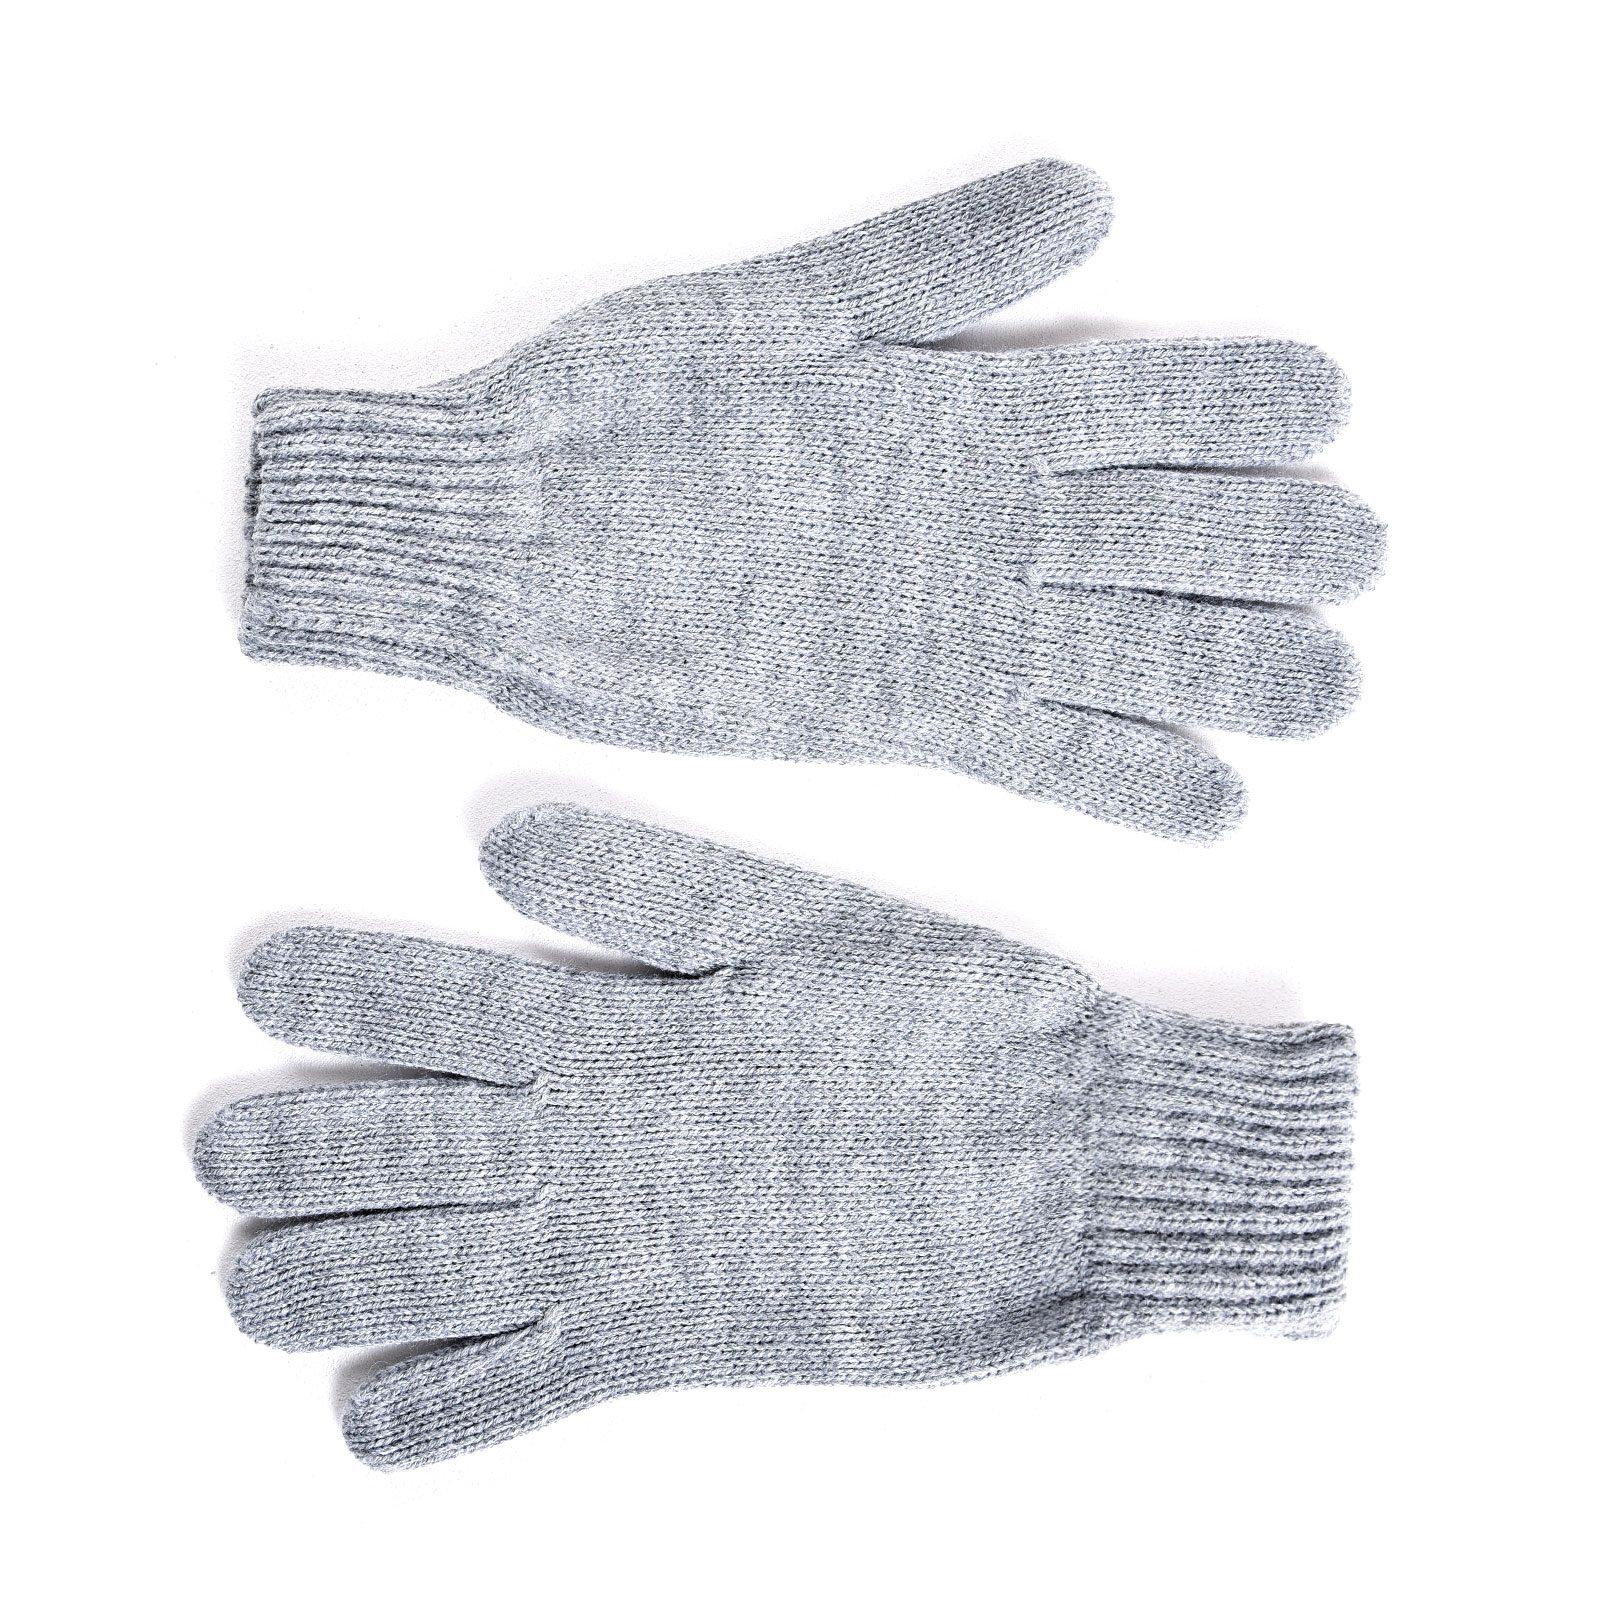 http://lookbook.allee-du-foulard.fr/wp-content/uploads/2019/01/GA-00008-A16-gants-femme-gris-clairs-1600x1600.jpg